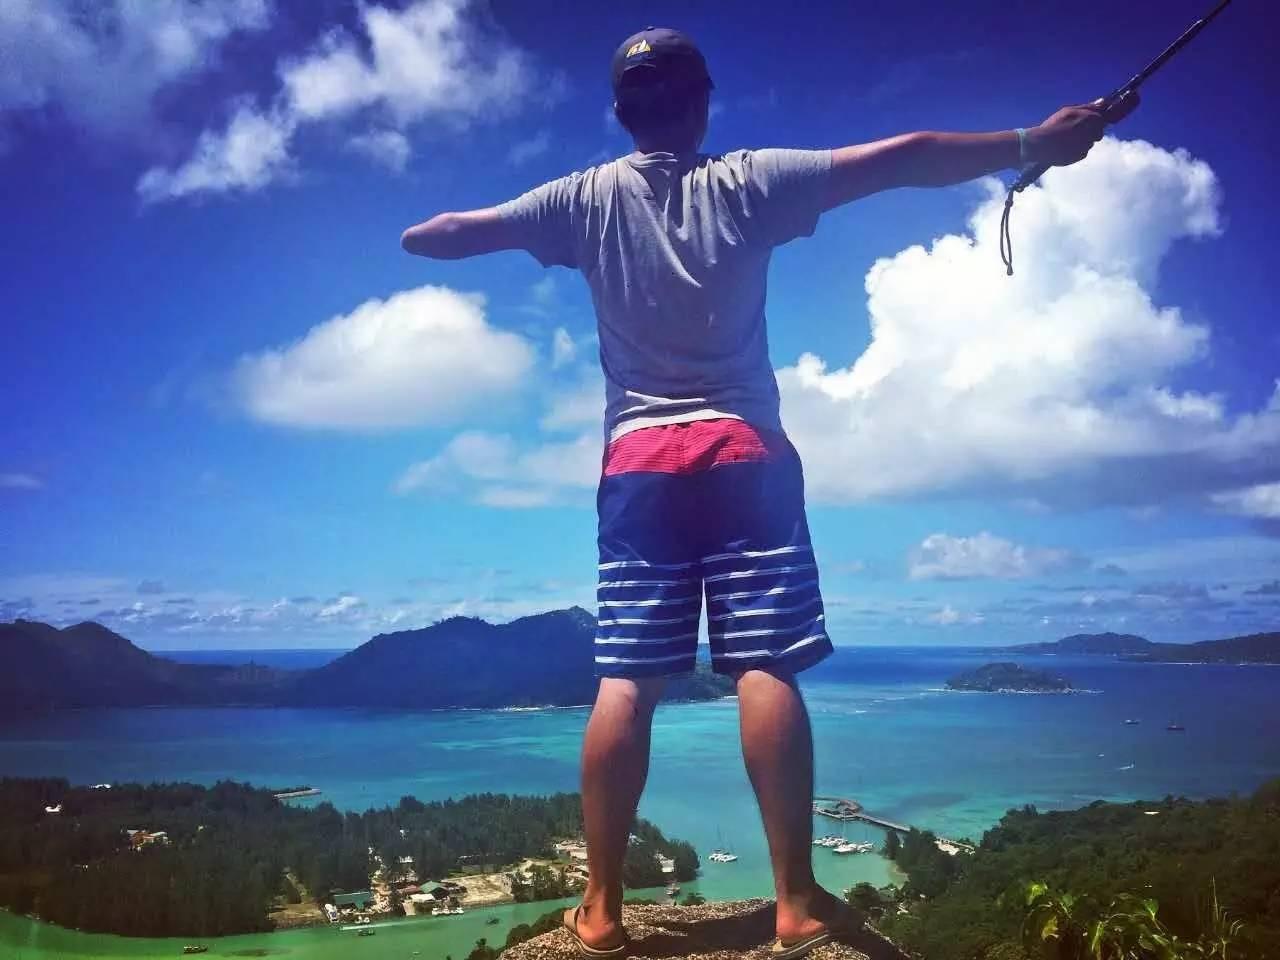 蝴蝶飞,法兰西,加勒比海,大西洋,布列塔尼 卑微的梦想者---远航是为了回家,京坤的2015单人横跨大西洋极限挑战回忆录连载 be15741a23e390aea6d4f615310f8ada.jpg